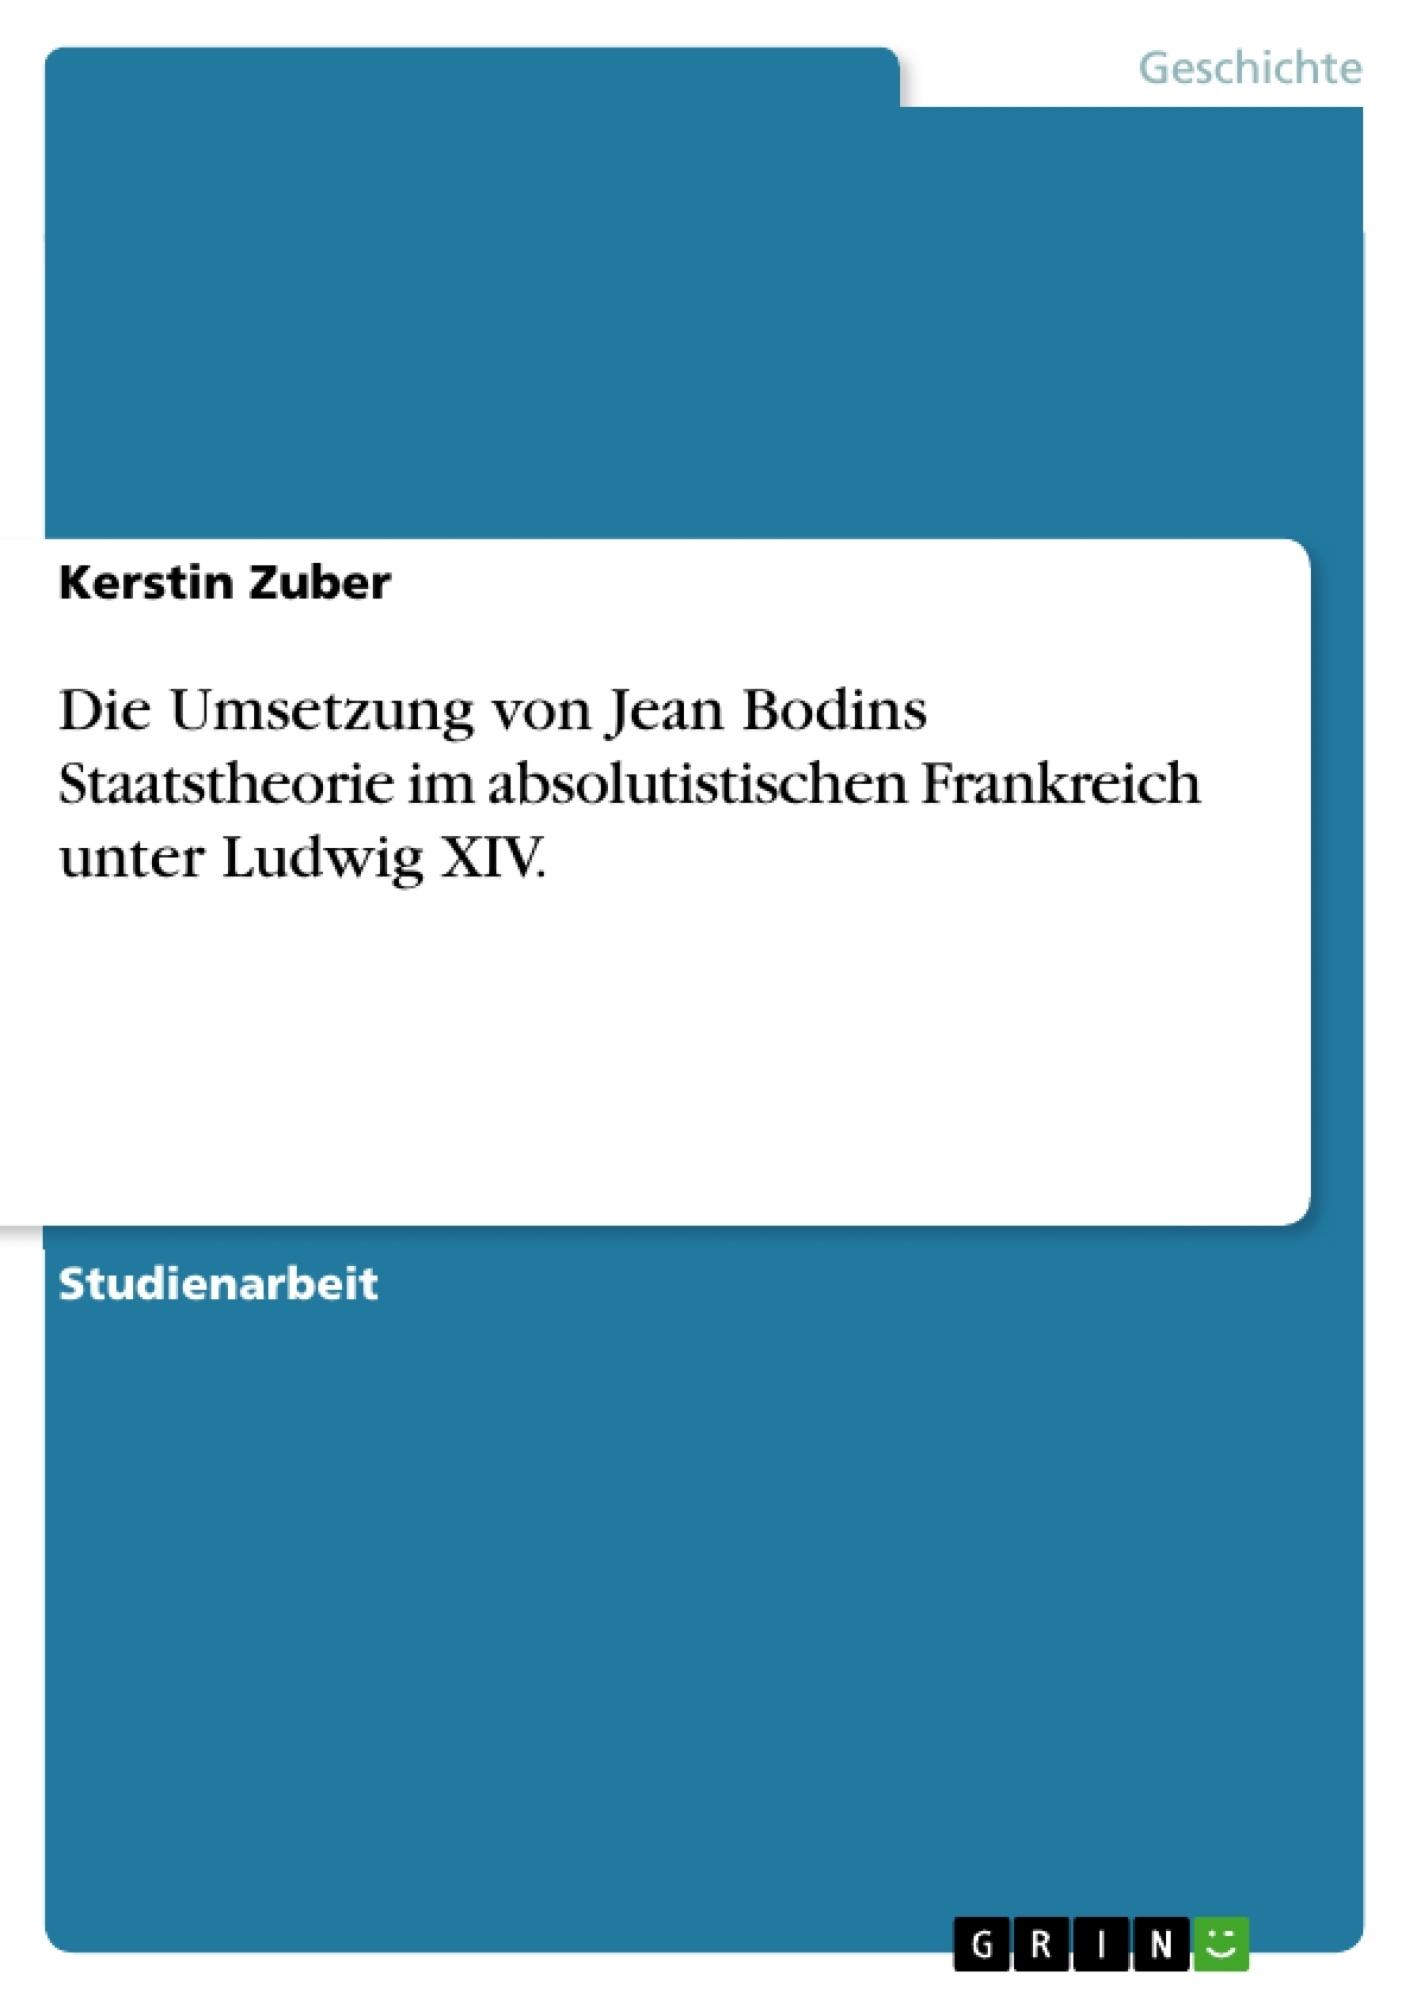 Titel: Die Umsetzung von Jean Bodins Staatstheorie im absolutistischen Frankreich unter Ludwig XIV.